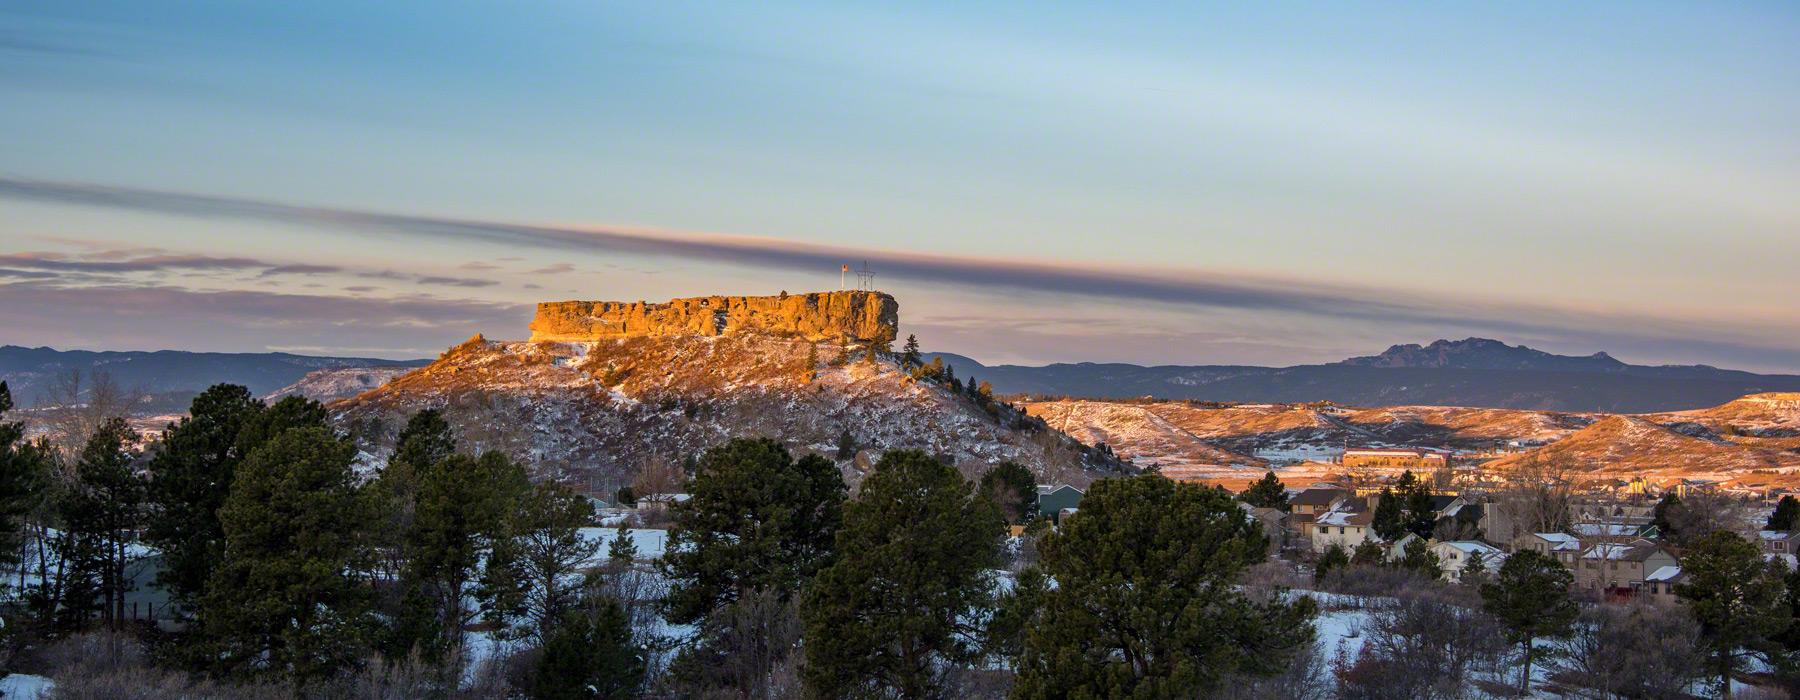 Castle Rock Co Winter Landscape Photographs